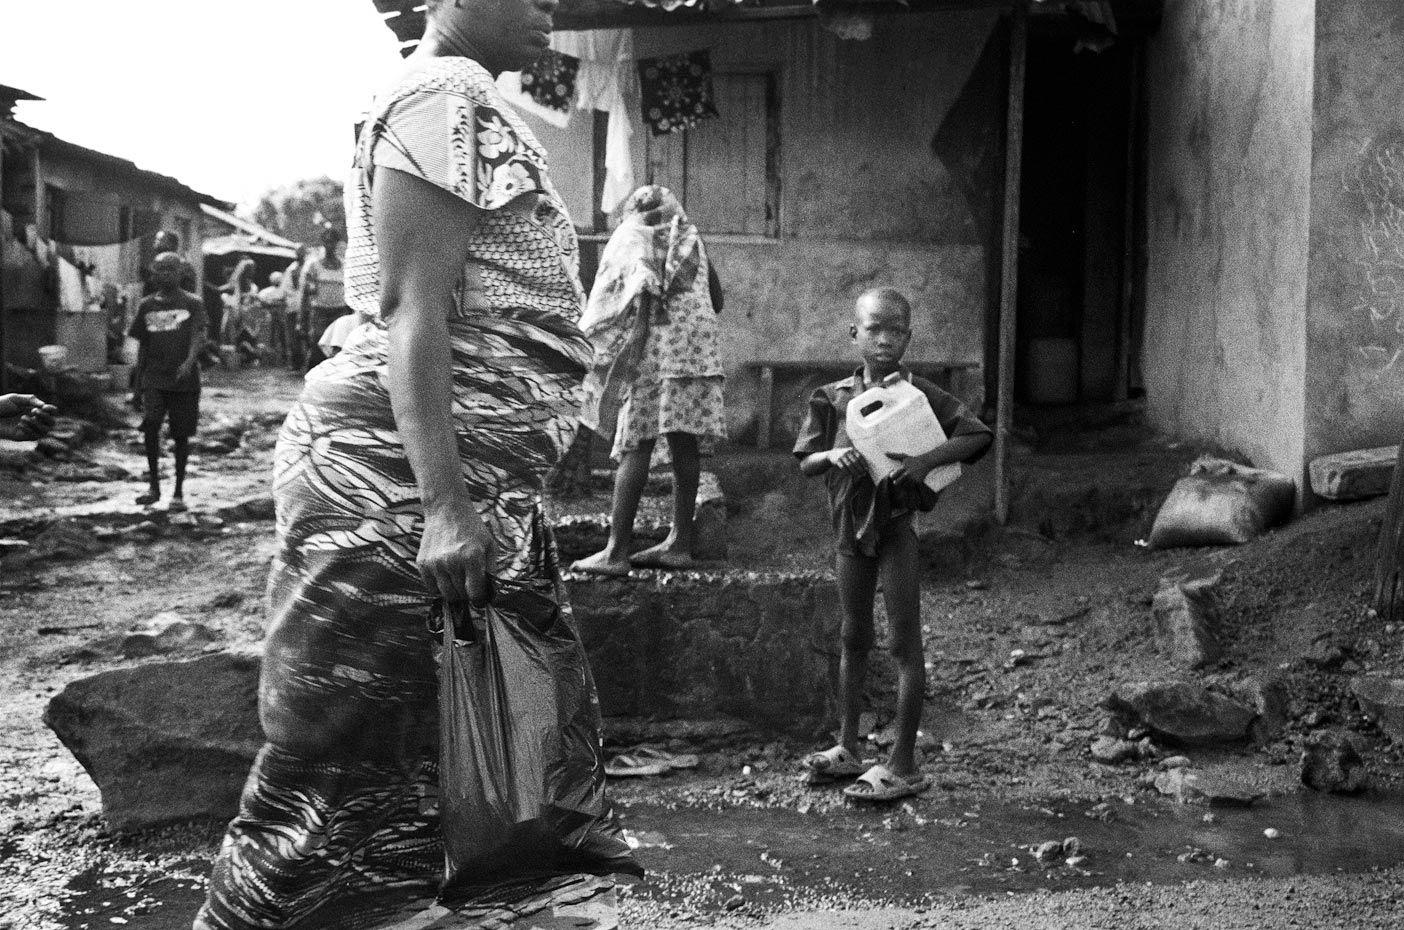 Collecting Water, Goderich Village Freetown, Sierra Leone, 2006